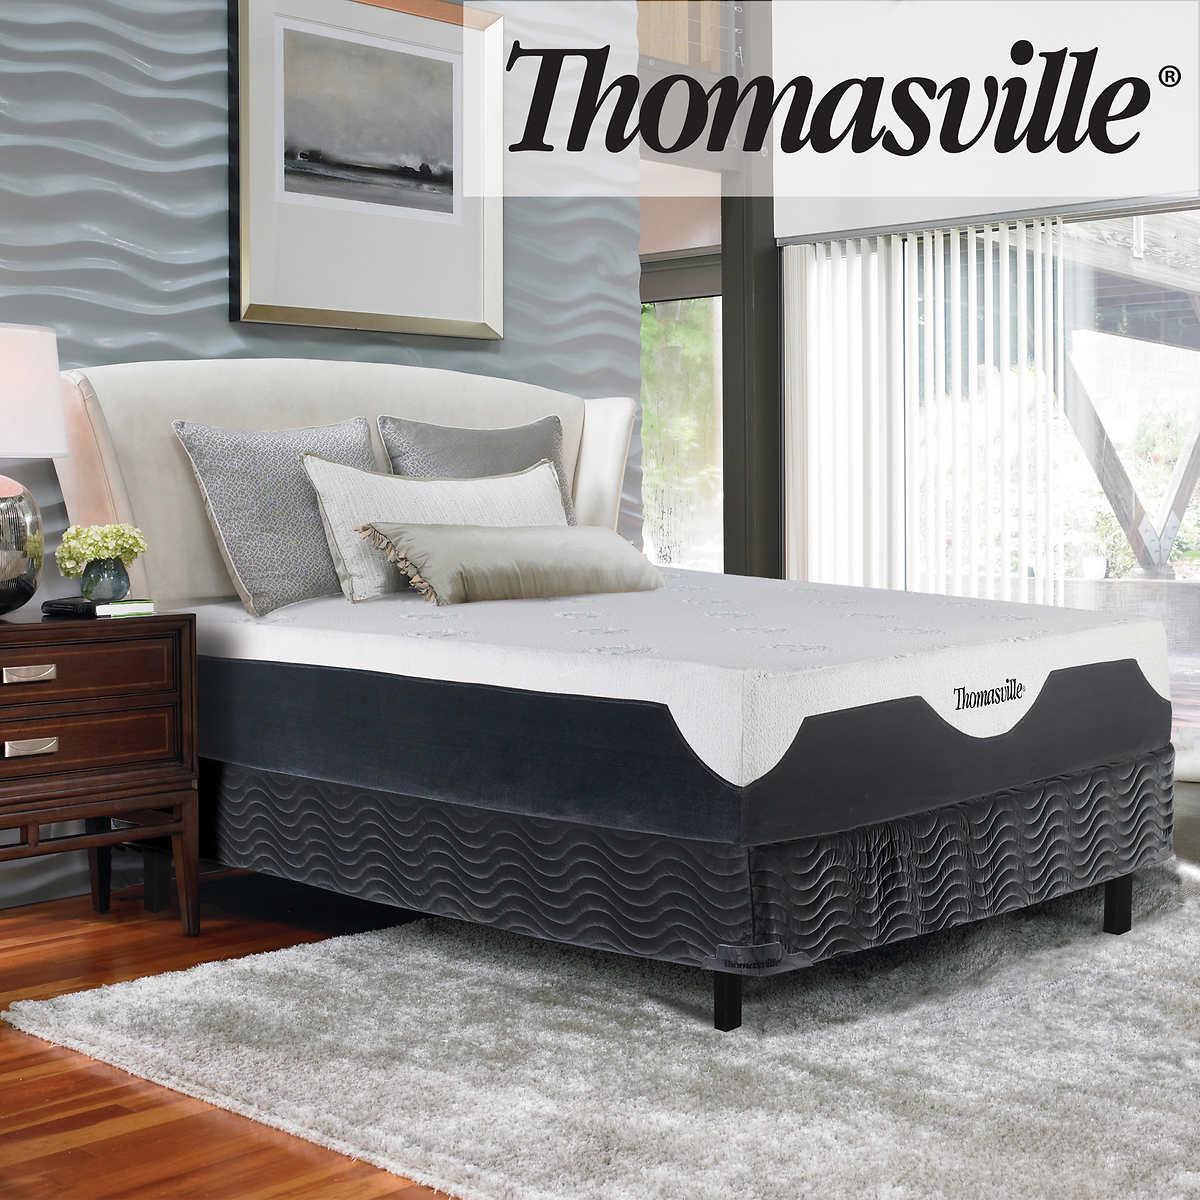 Thomasville Elite II Latex Hybrid Medium-firm Queen Mattress Set